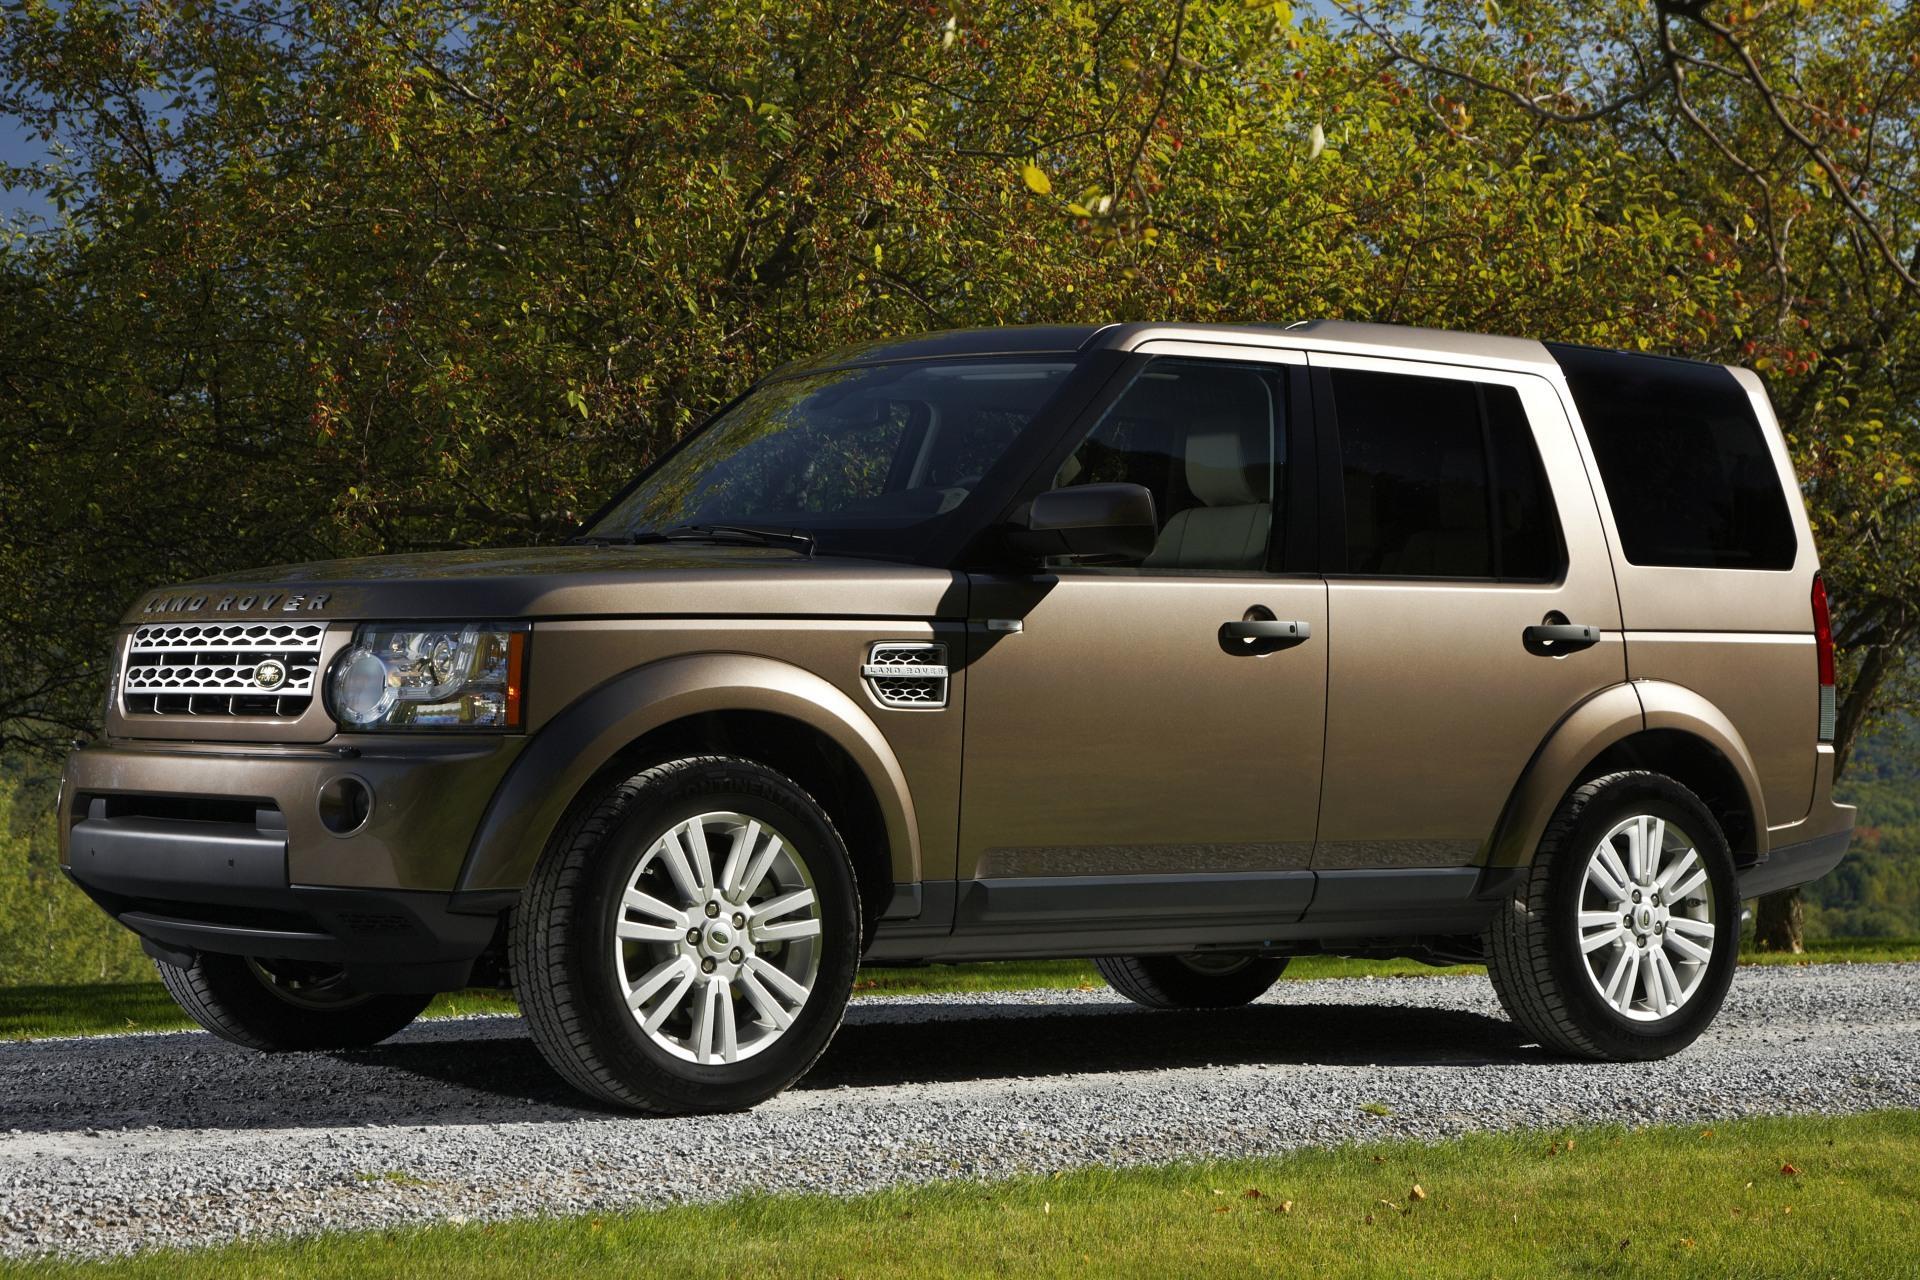 2010 Land Rover LR4  conceptcarzcom